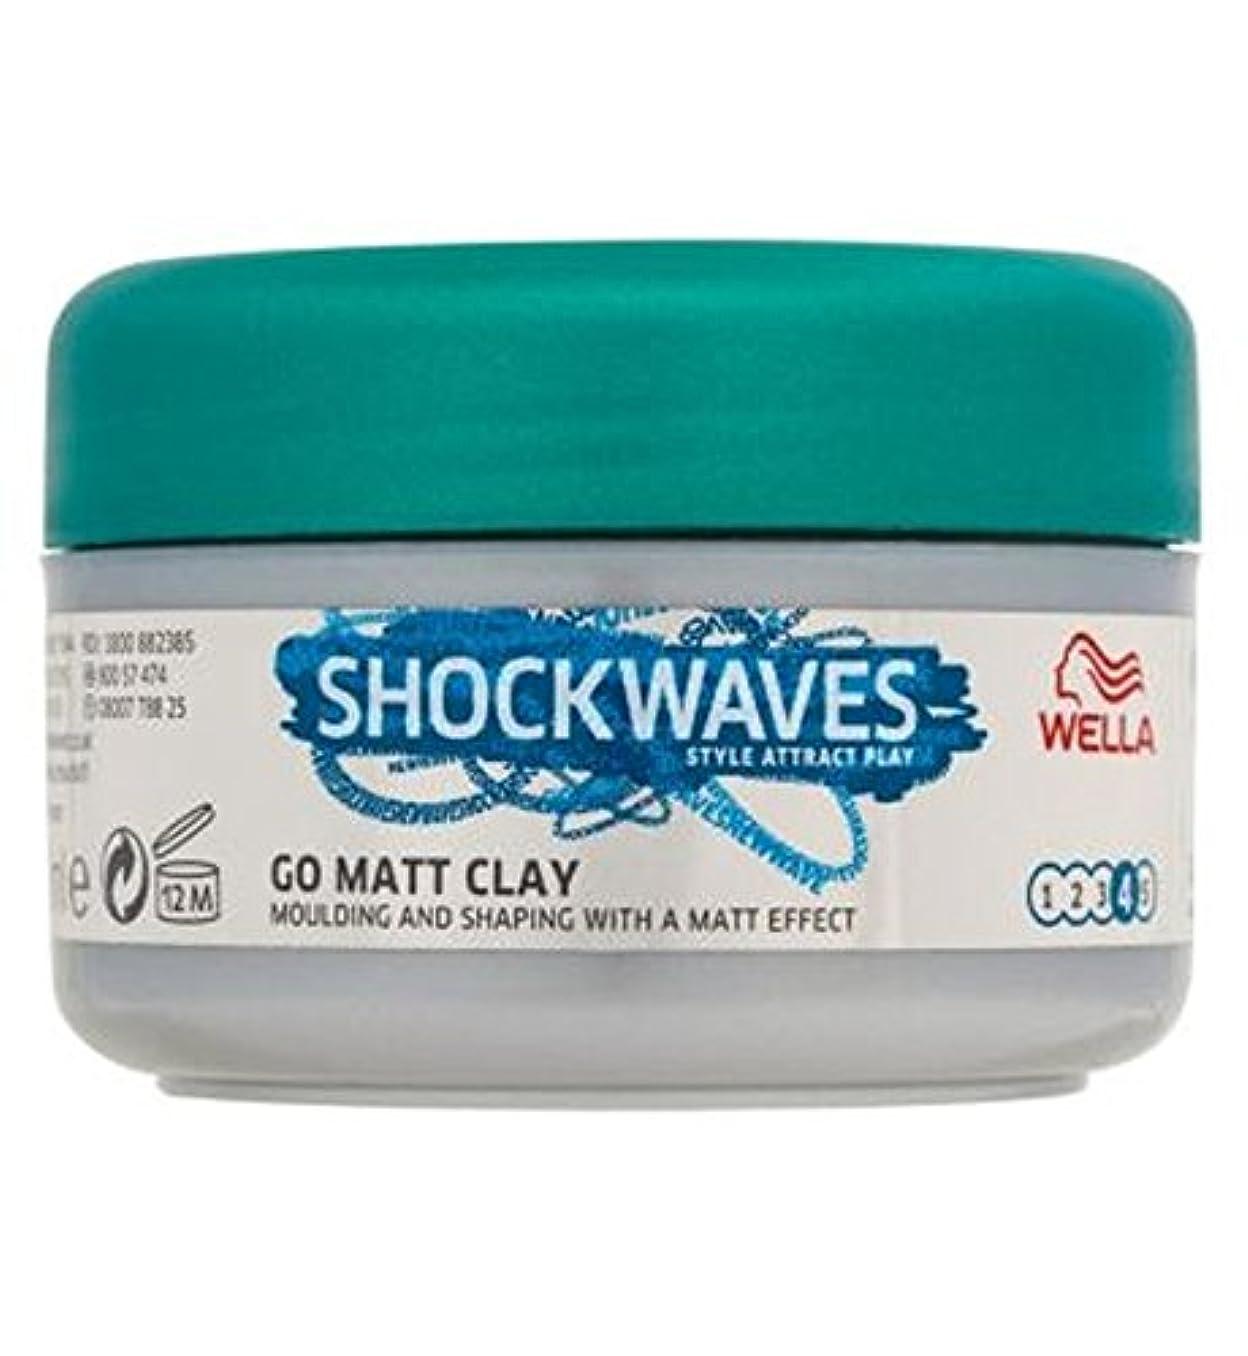 ケント毛細血管規制ウエラの衝撃波の外向性はマット粘土75ミリリットルを行きます (Wella Shockwaves) (x2) - Wella Shockwaves Extrovert Go Matt Clay 75ml (Pack of...